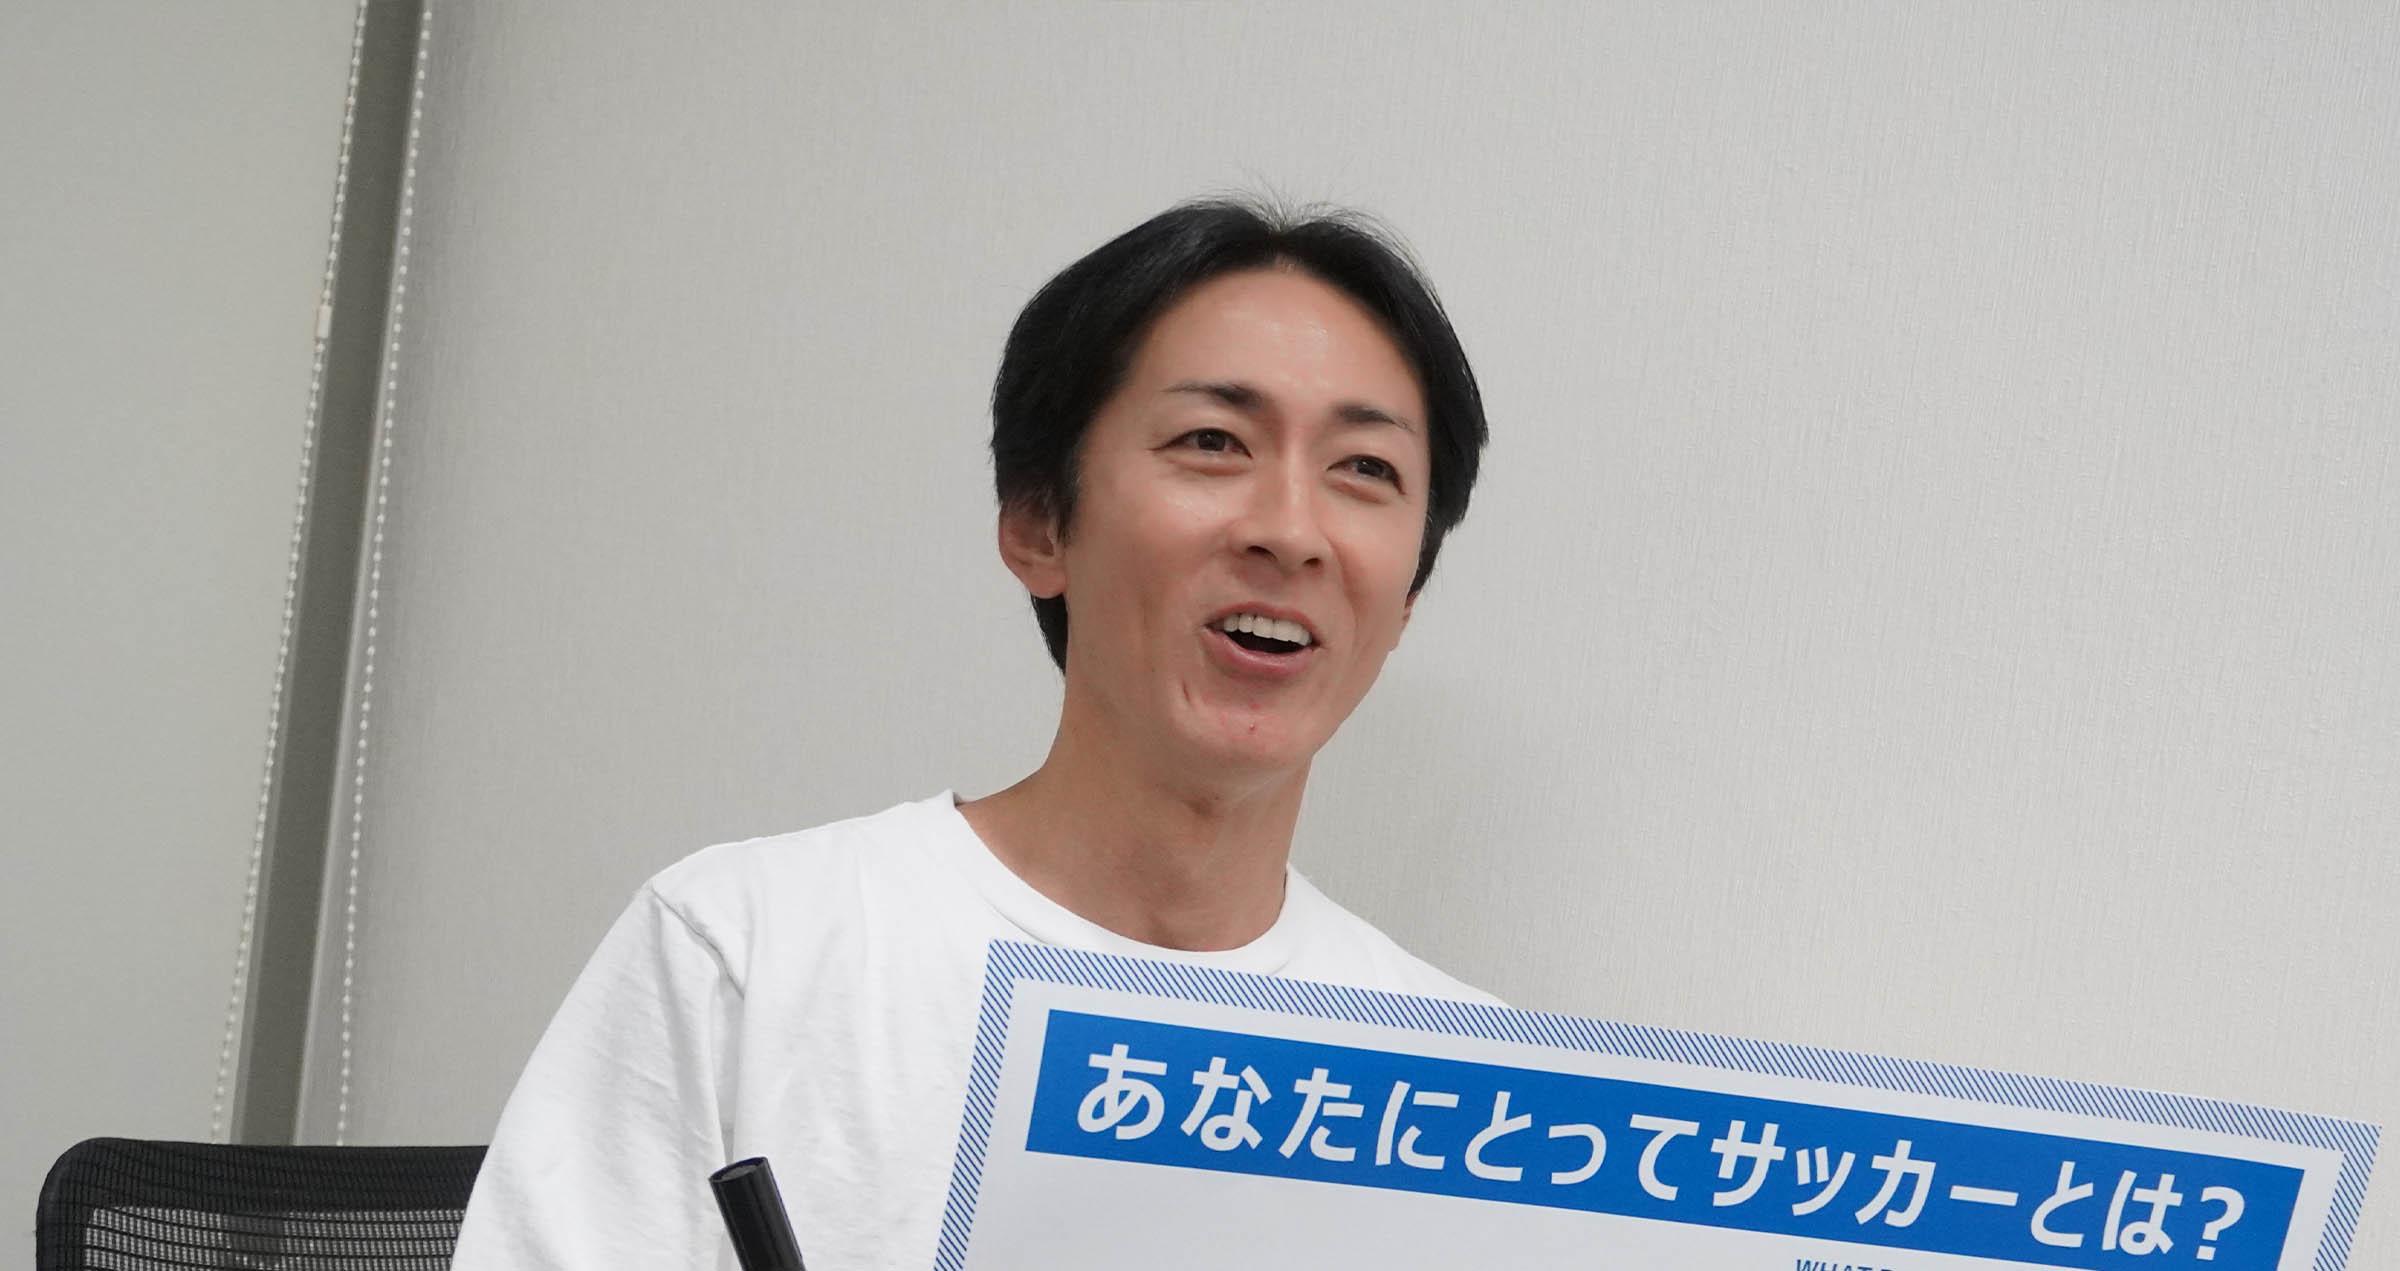 あなたにとってサッカーとは?よしもとスポーツスタッフが矢部浩之を突撃!